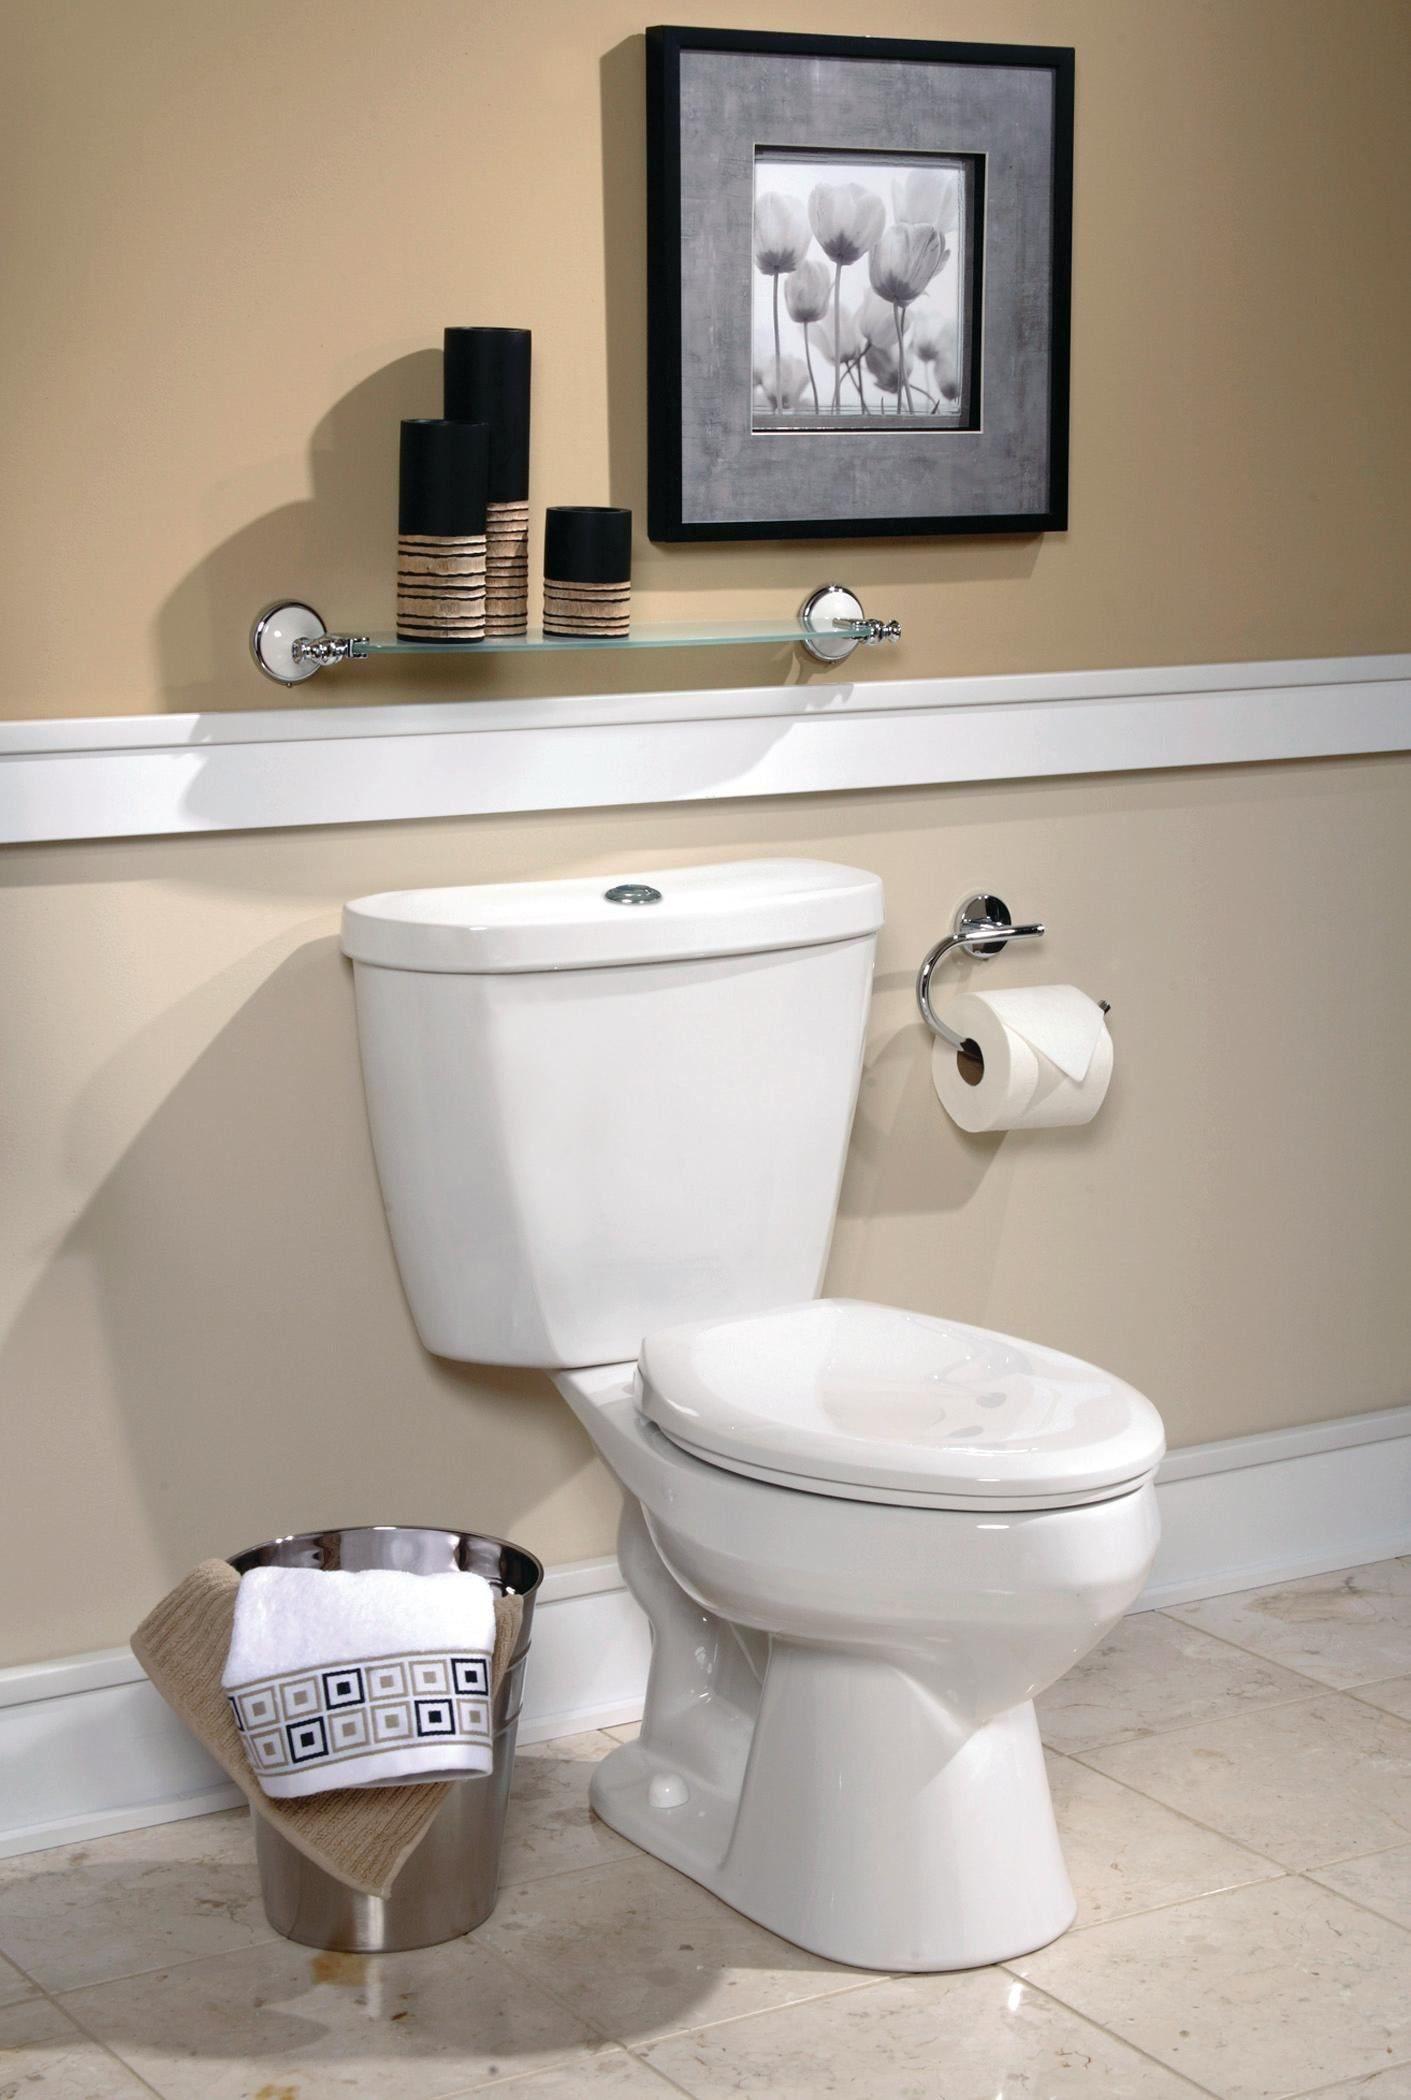 An Efficient Bathroom Dual Flush Toilet in 2020 Dual